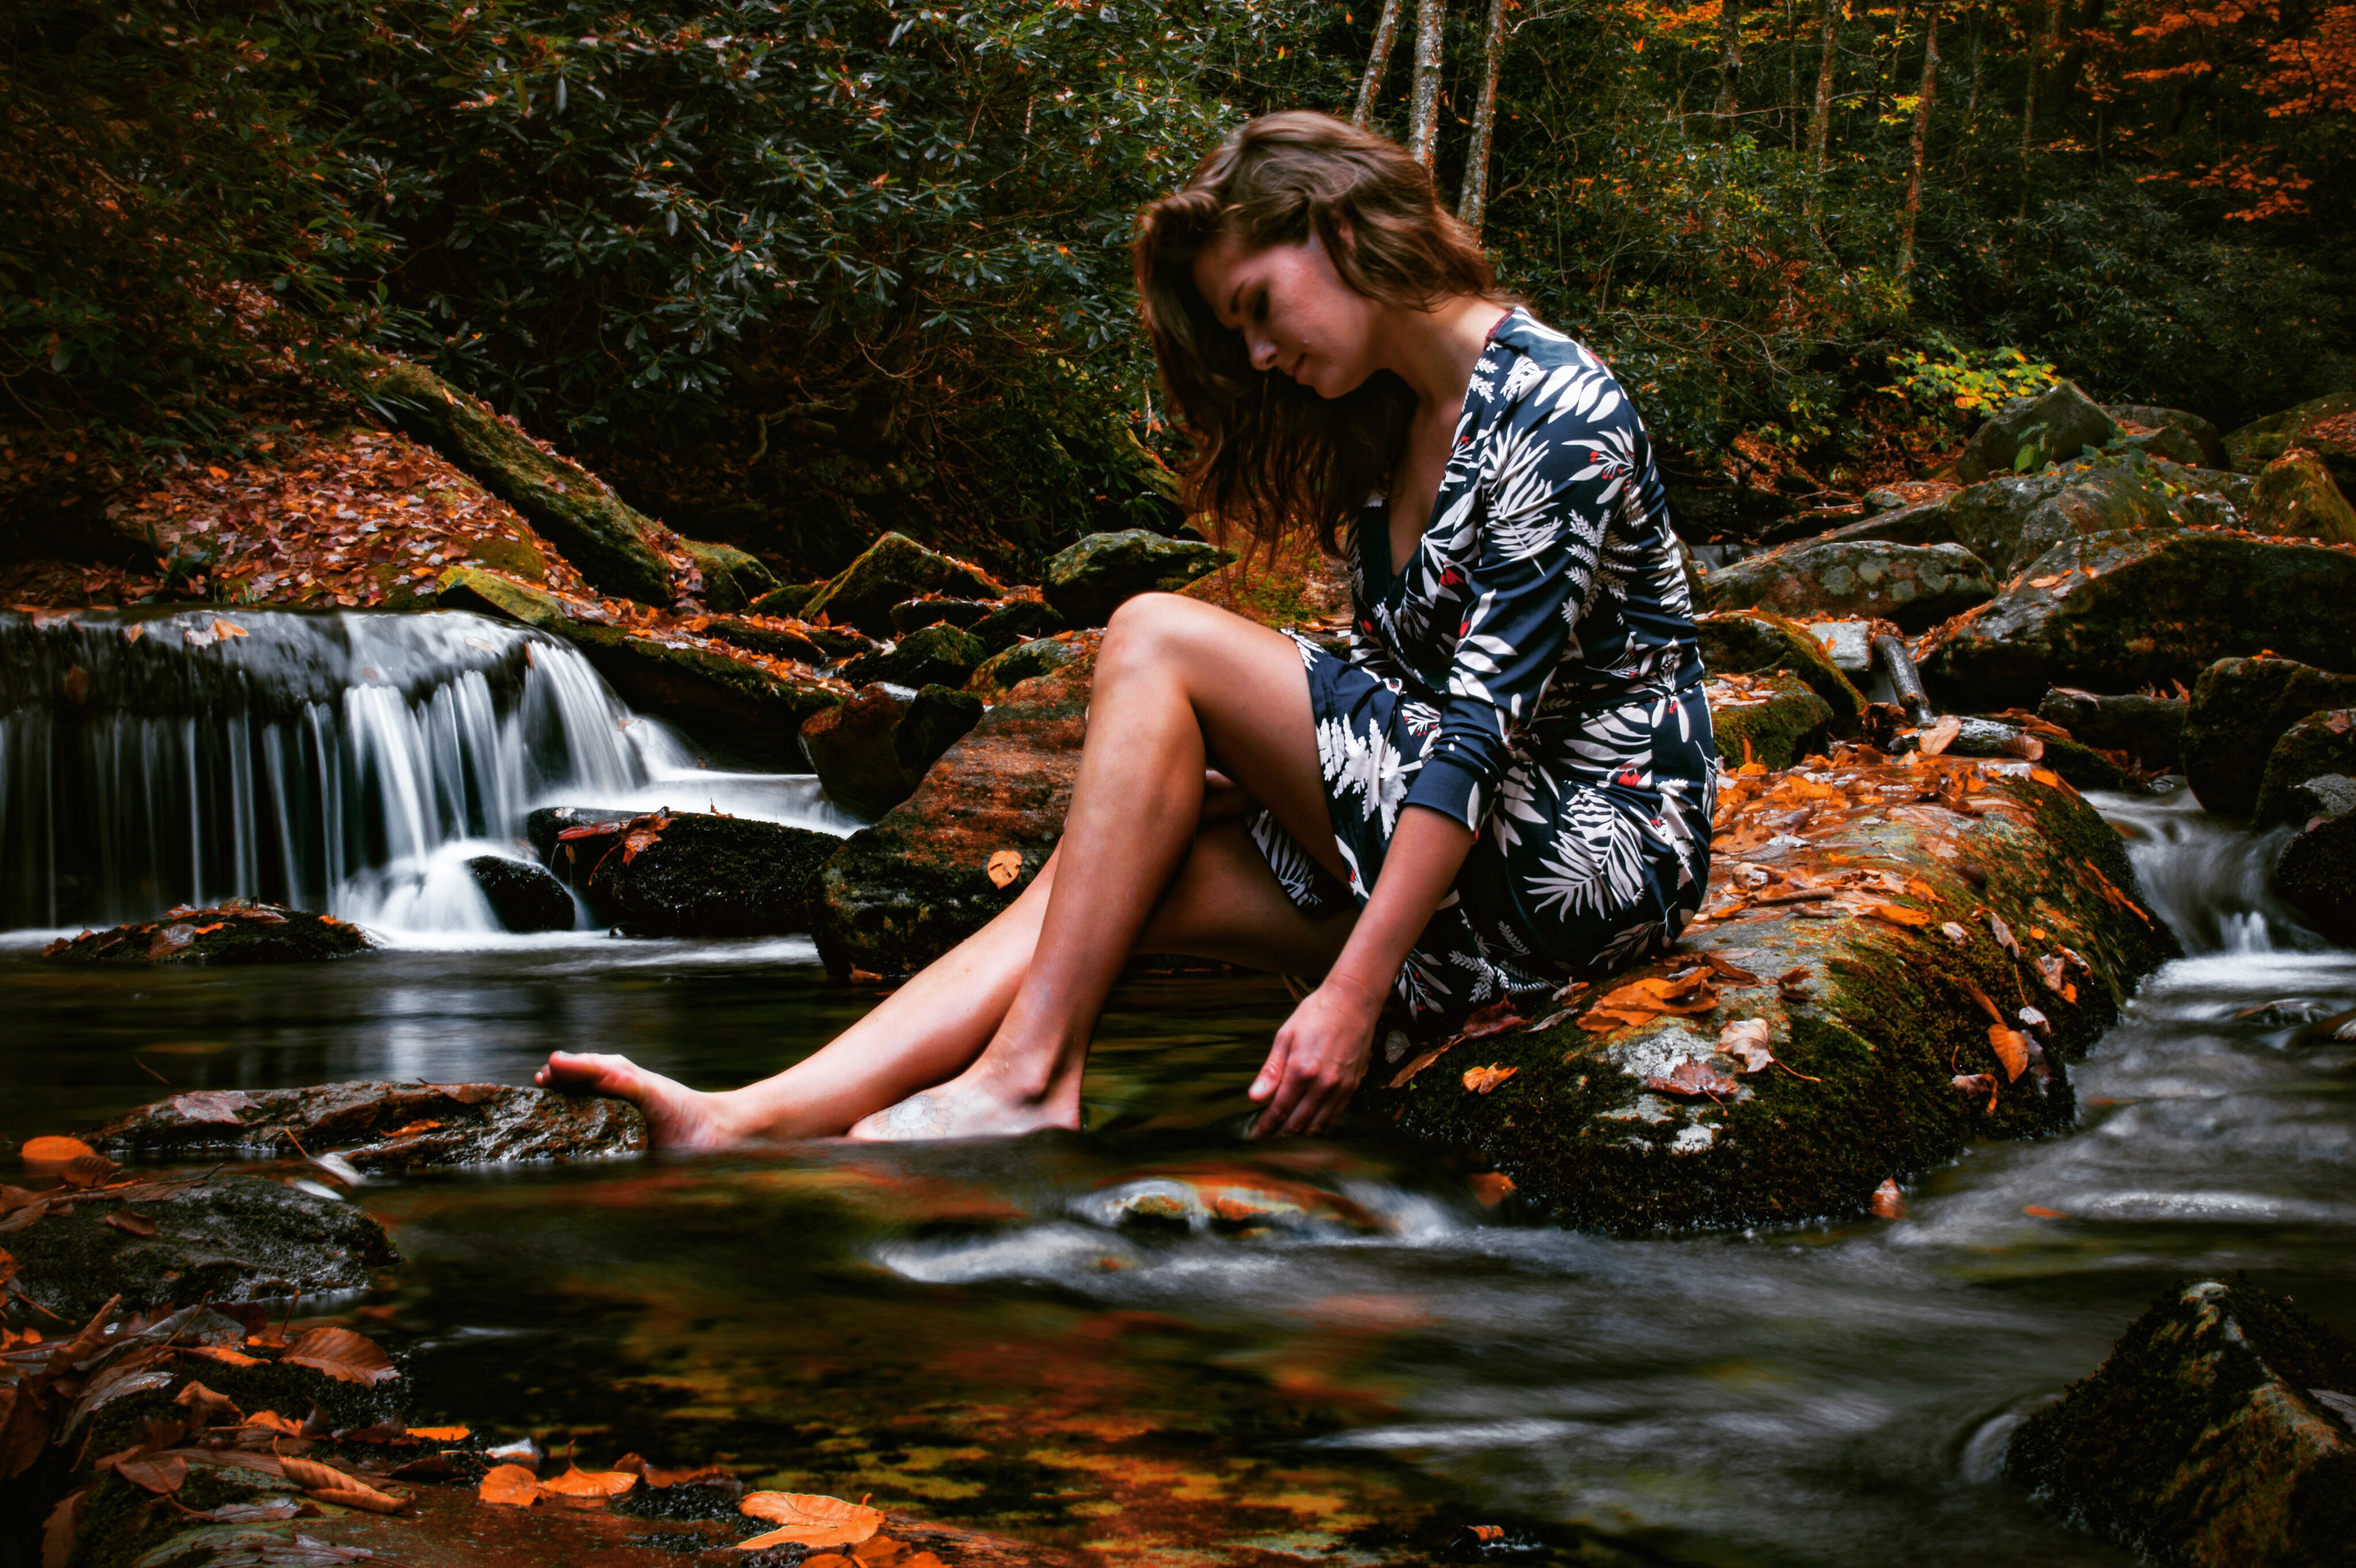 woman sitting on rock near body of water